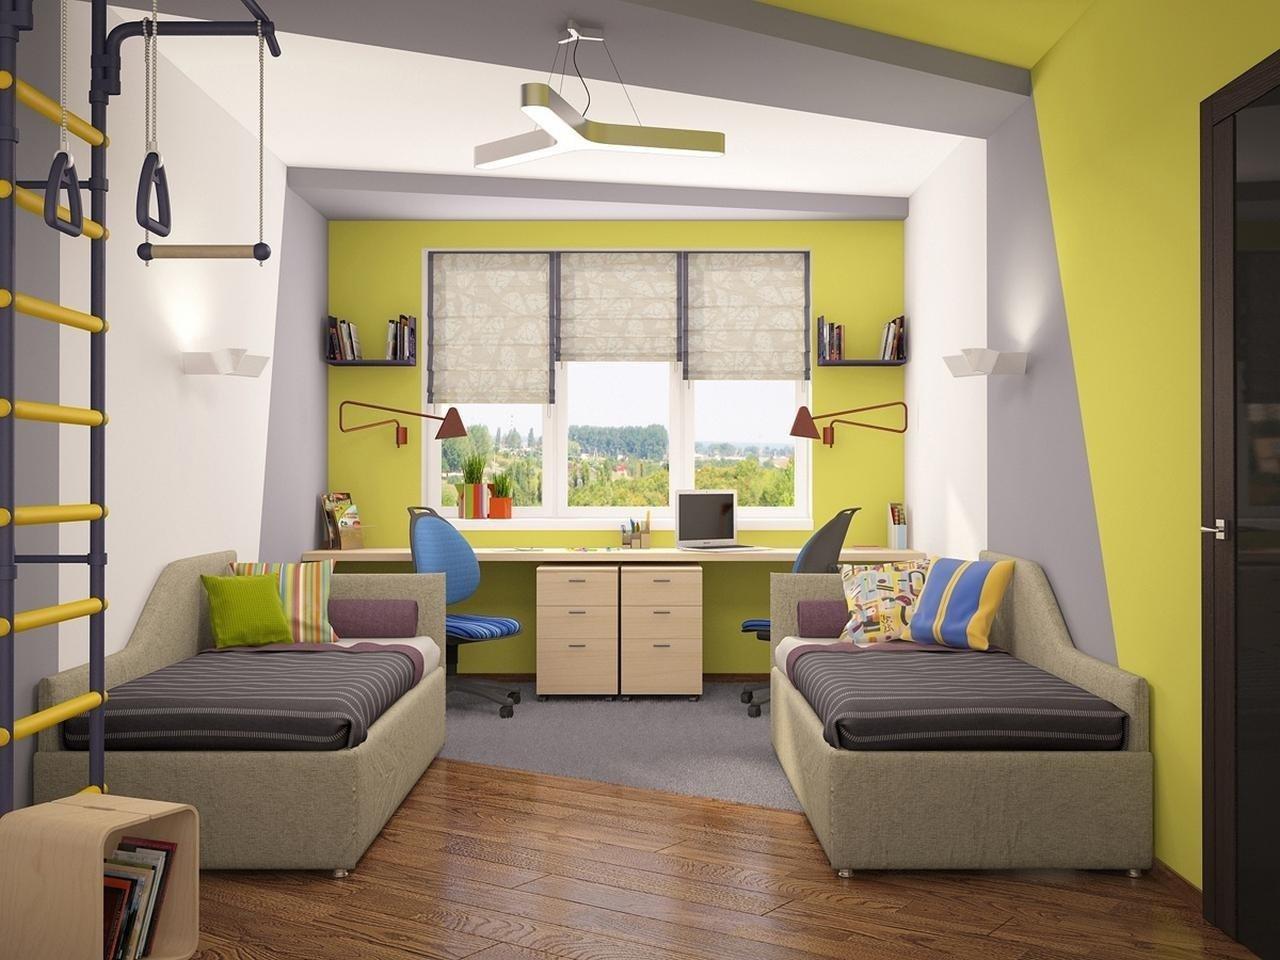 Дизайн детской комнаты 10 кв. м фото: интерьер для девочки 10 лет, квадратные метры это сколько, ремонт оригинальная детская комната 10 кв. м: проектирование и оформление дизайна – дизайн интерьера и ремонт квартиры своими руками